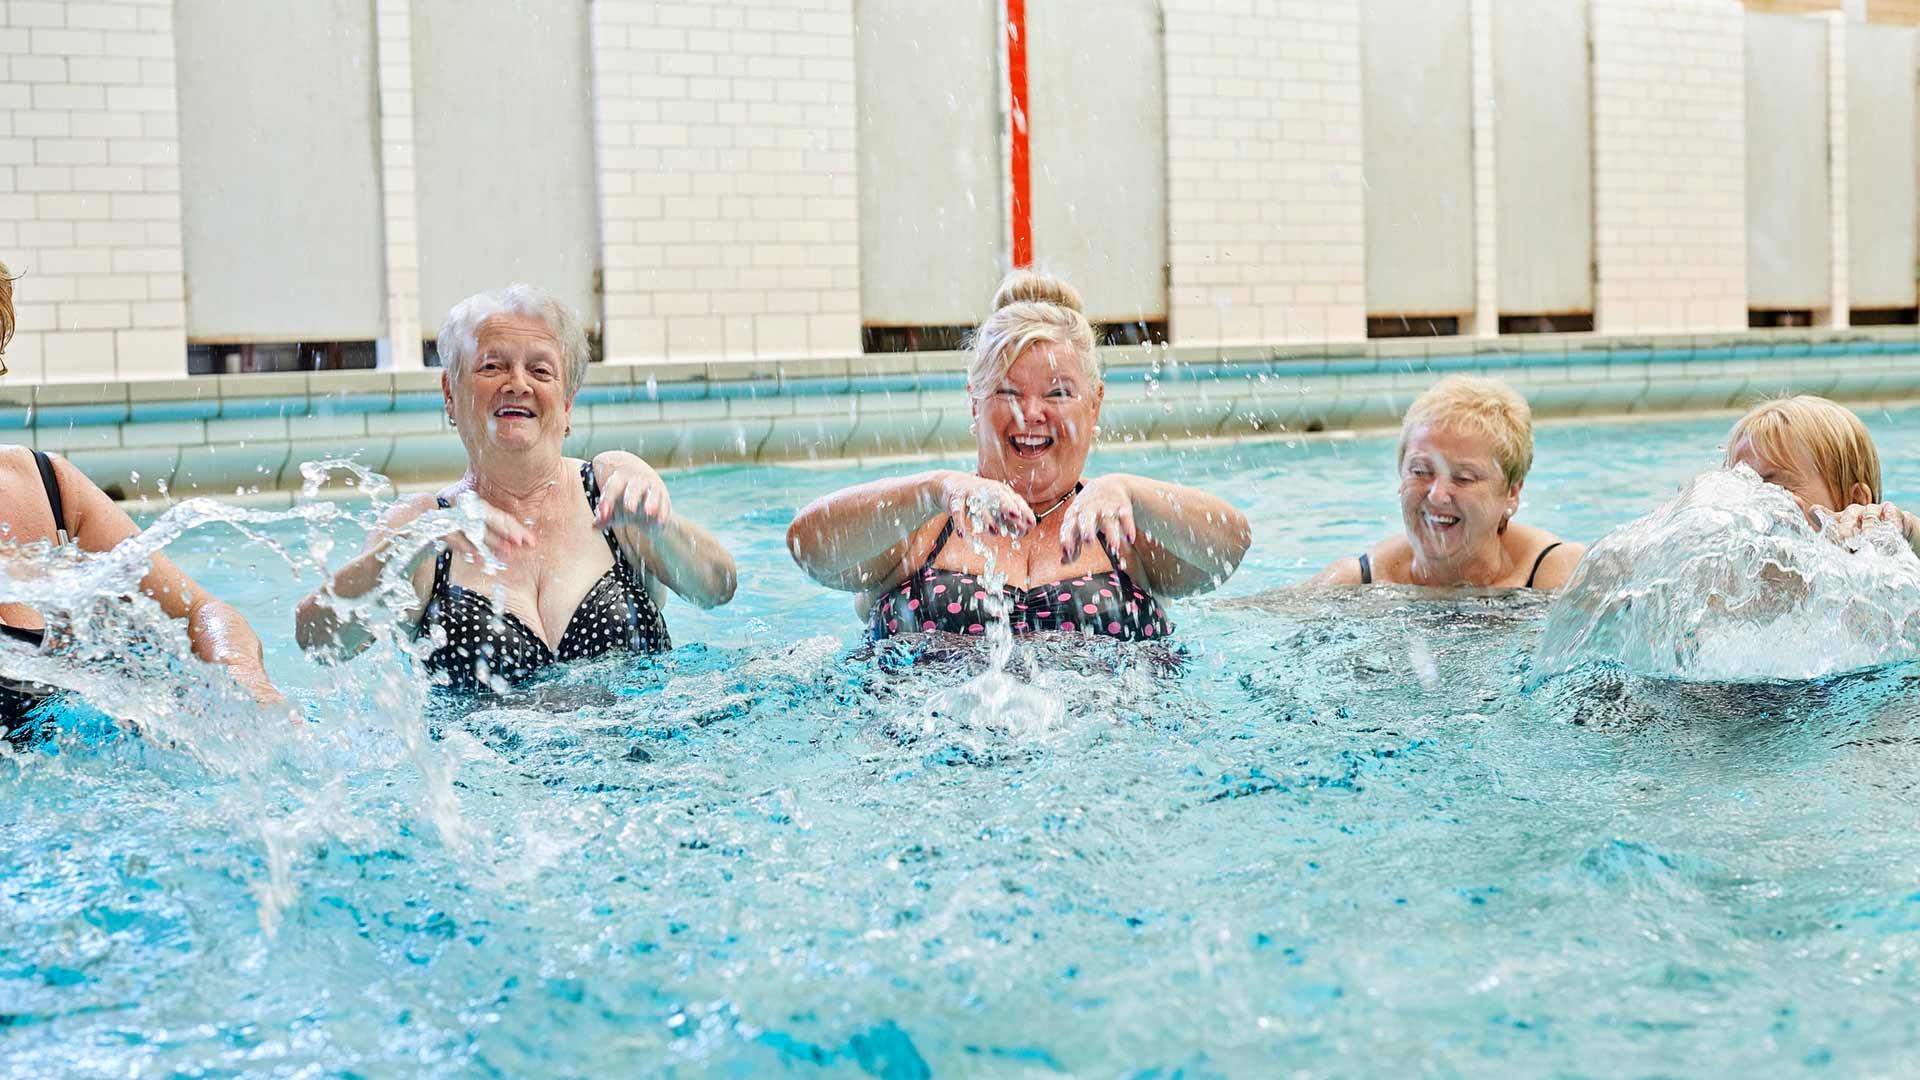 Lihasvoiman väheneminen näkyy nyt etenkin alaraajojen lihaksissa. Lihastreeni auttaa hidastamaan näitä muutoksia. Uiminen on myös hyvä keino tarjota keholle monipuolista, ja samalla nivelystävällistä harjoitusta.